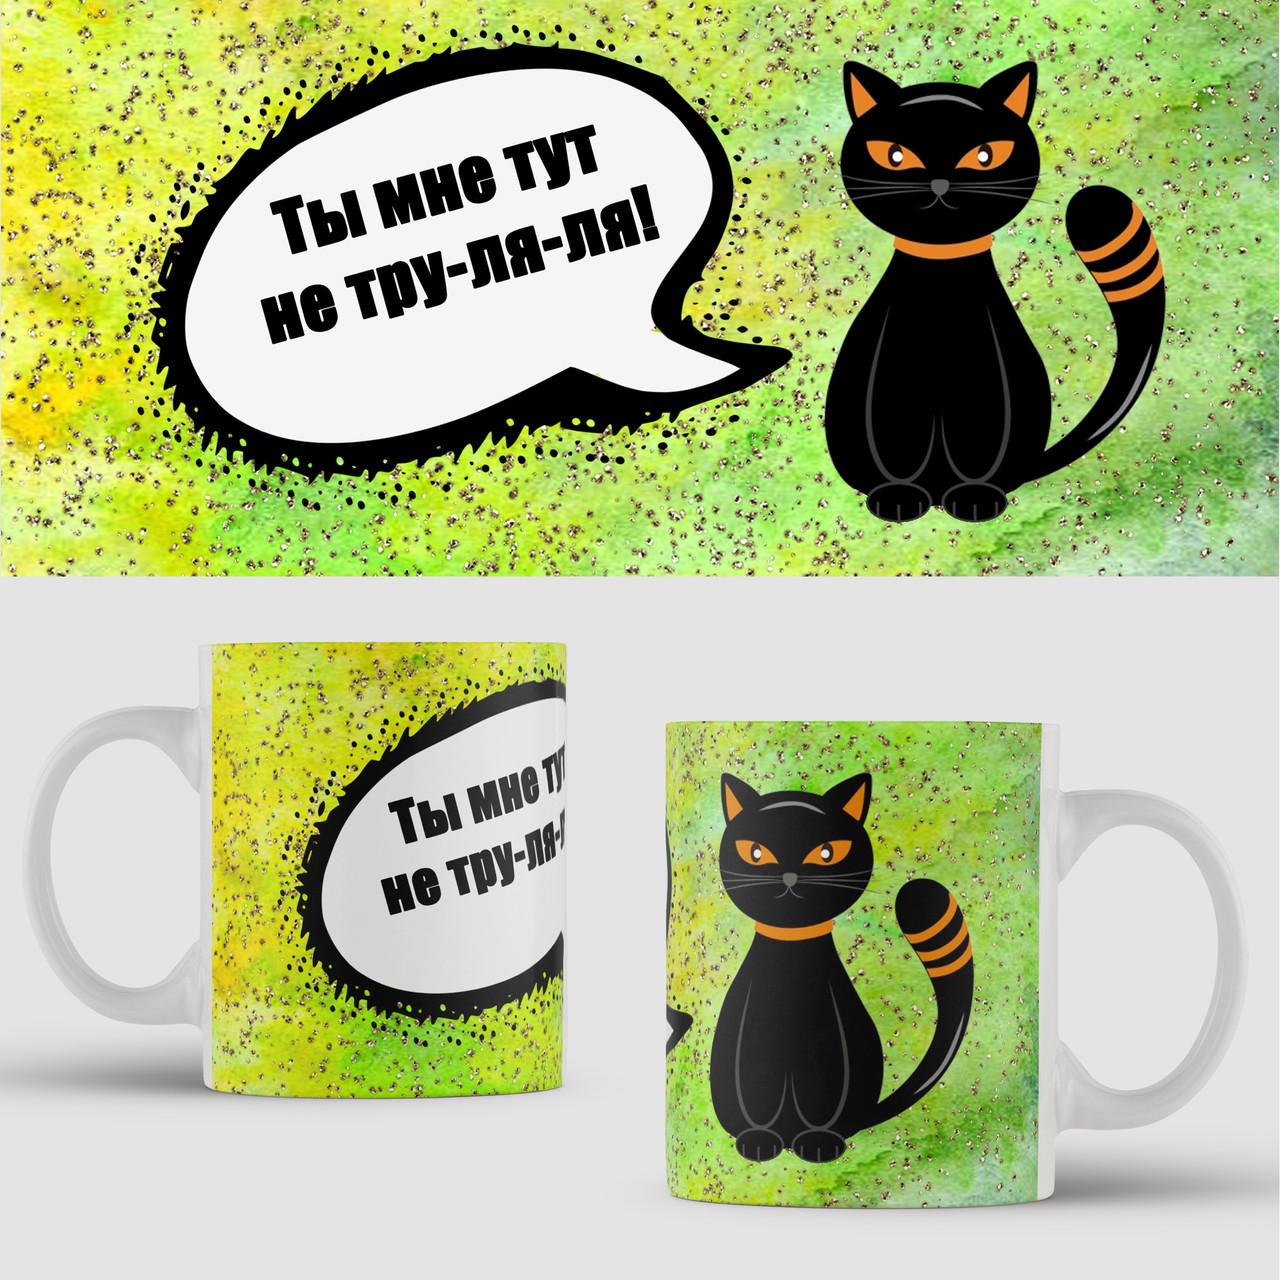 """Чашка с  котом. Чашка с принтом """"Ты мне тут не тру-ля-ля!"""". Чашка с фото"""